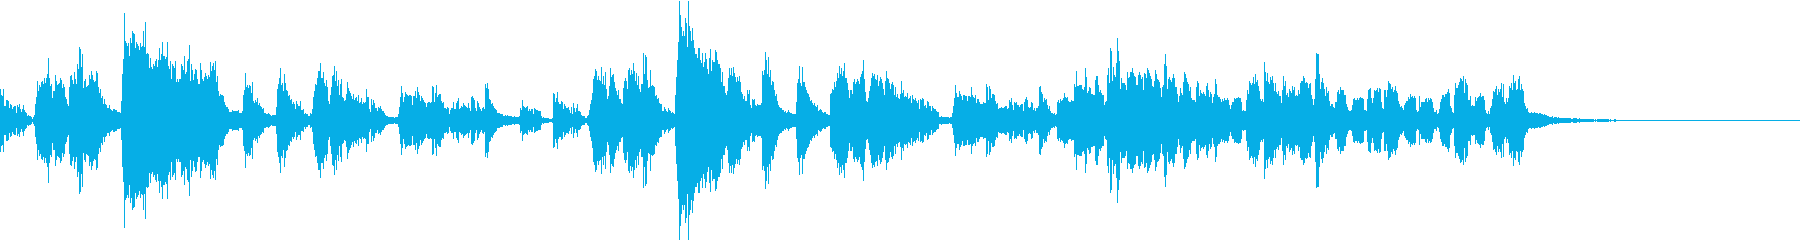 劇伴用~トランペットによる短いフレーズ~の再生済みの波形